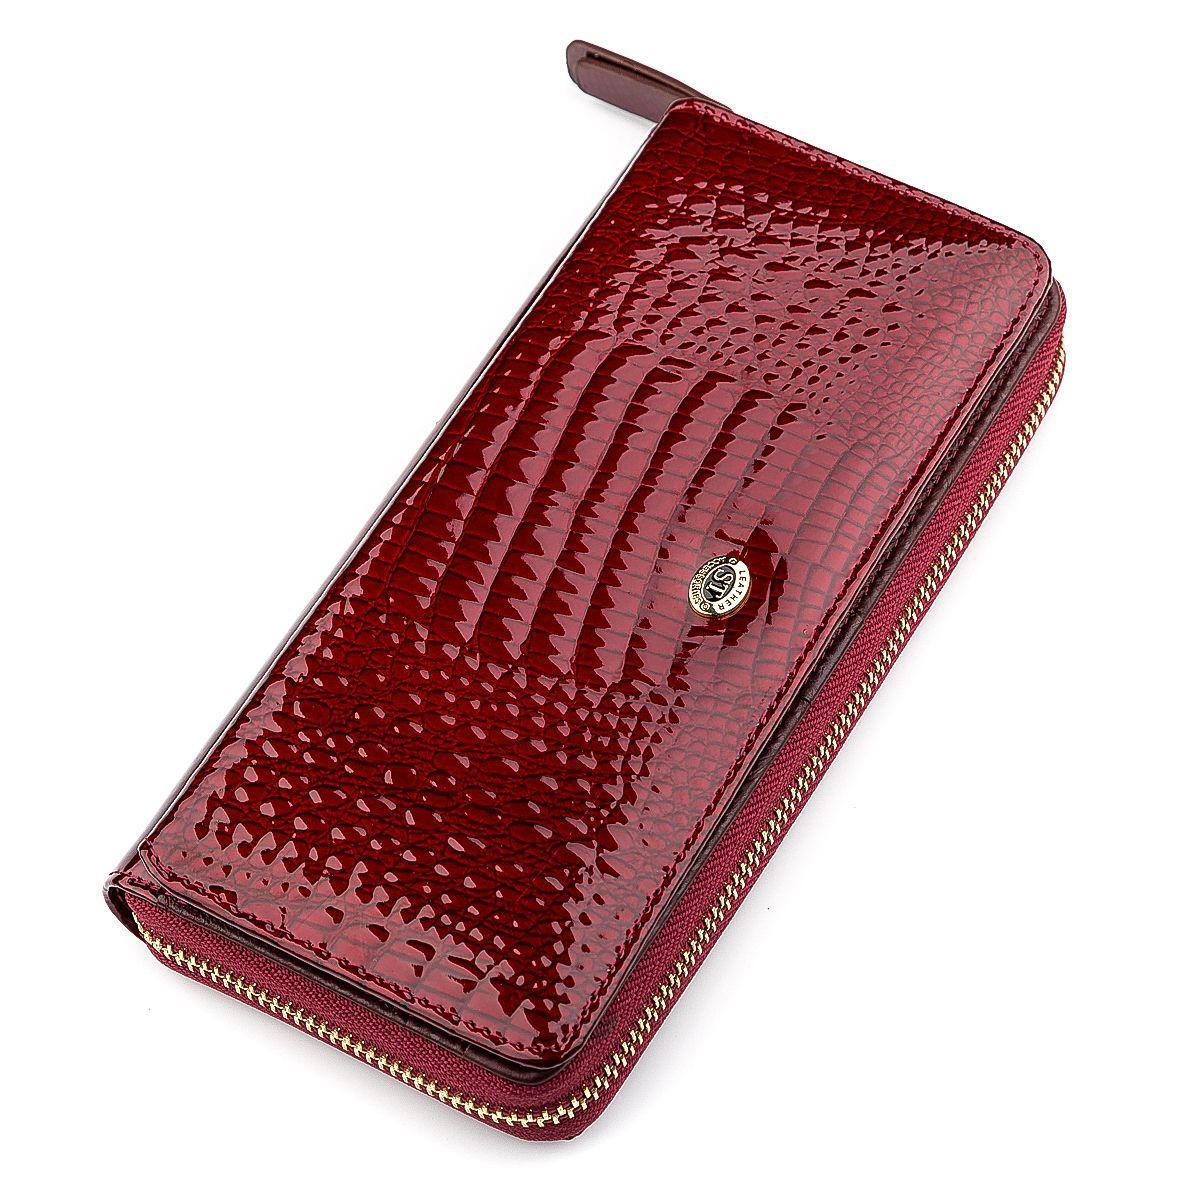 Кошелек женский ST Leather 18434 (S7001A) на молнии Бордовый, Бордовый